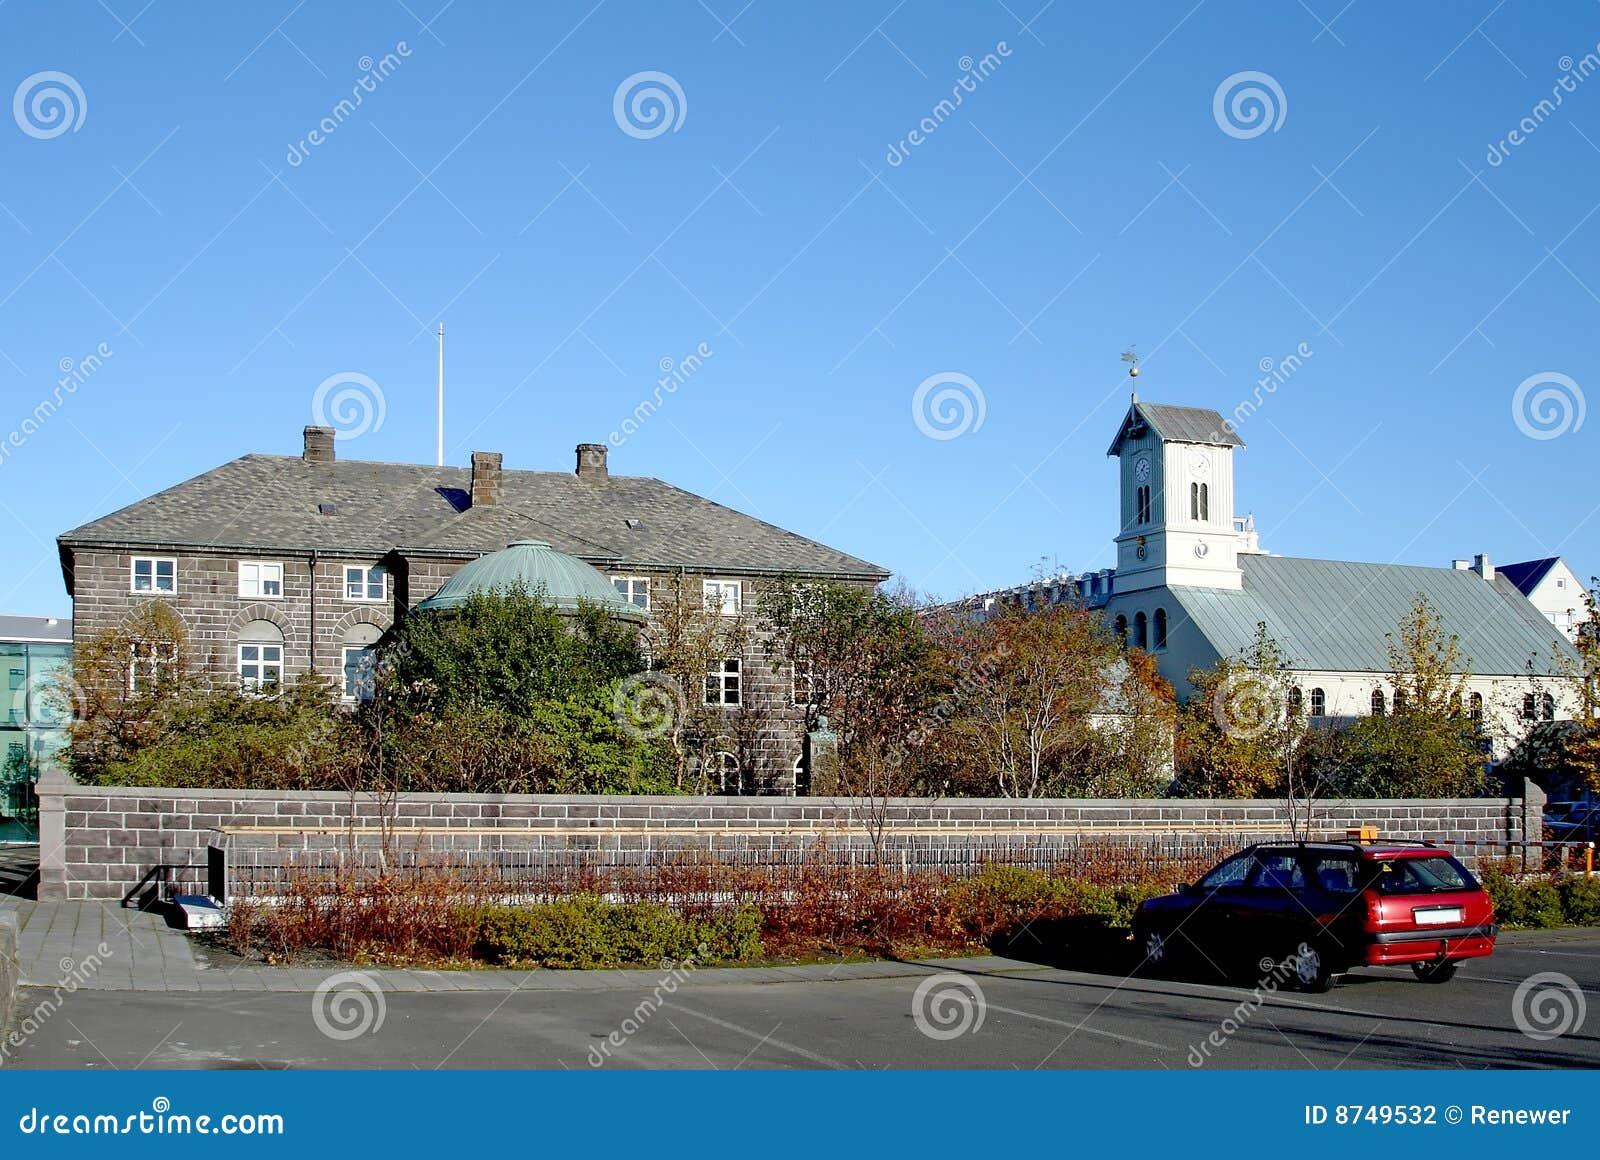 Het hoofdgebouw van althingi van het parlement van ijsland stock foto afbeelding 8749532 - Het upgraden van m ...